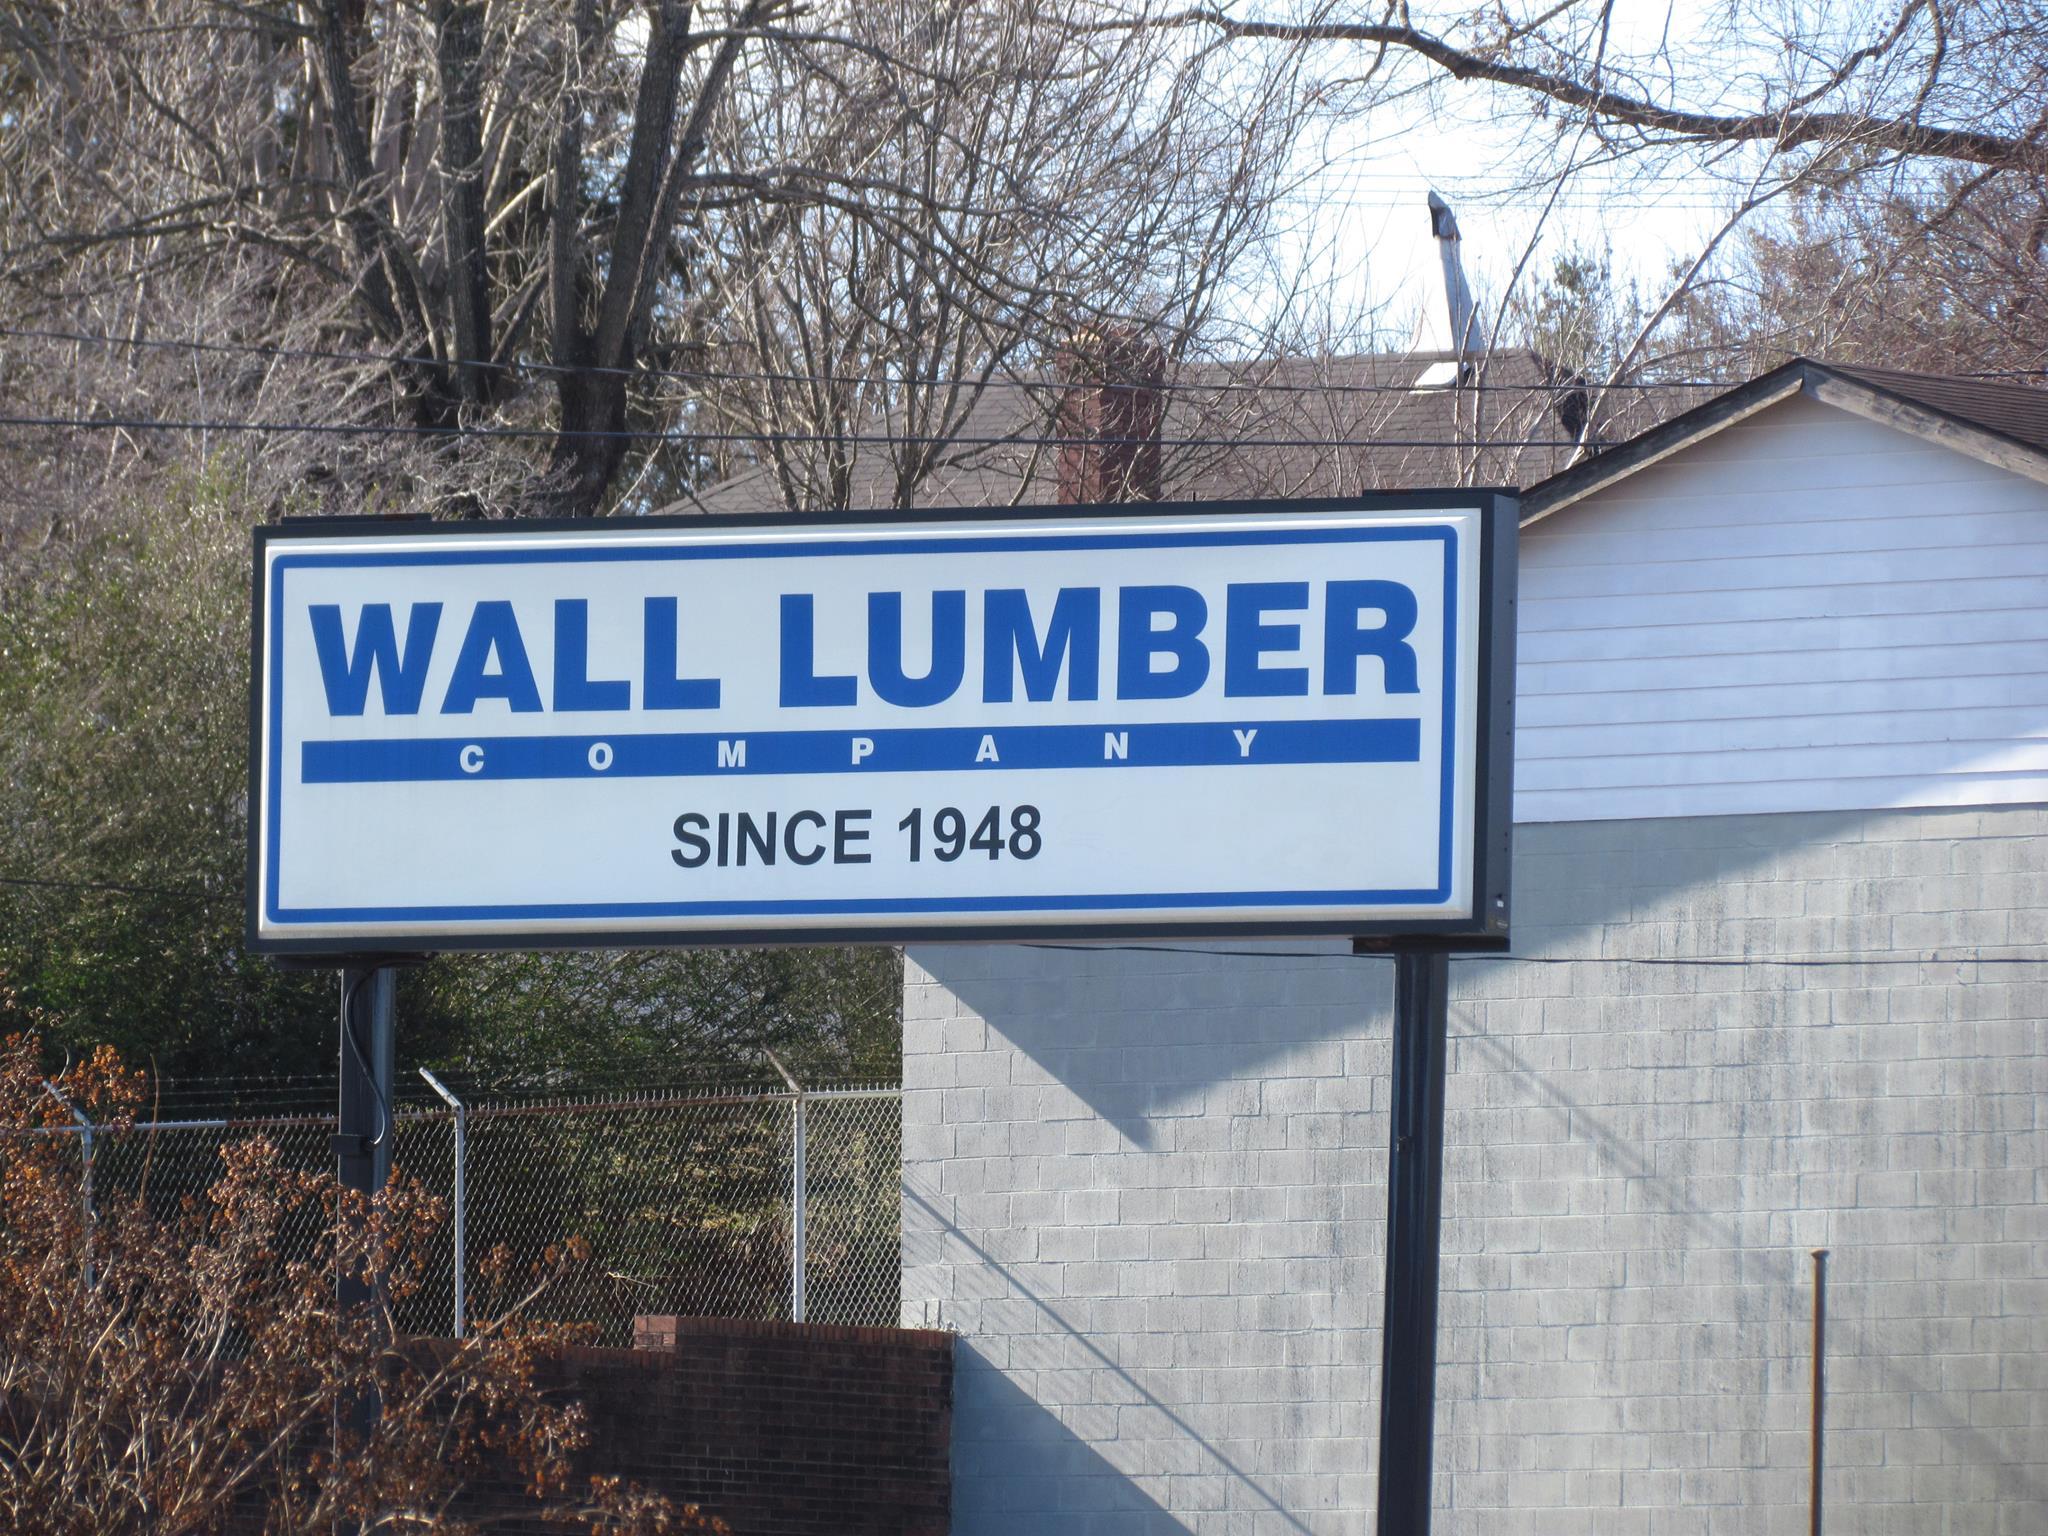 Wall Lumber Company